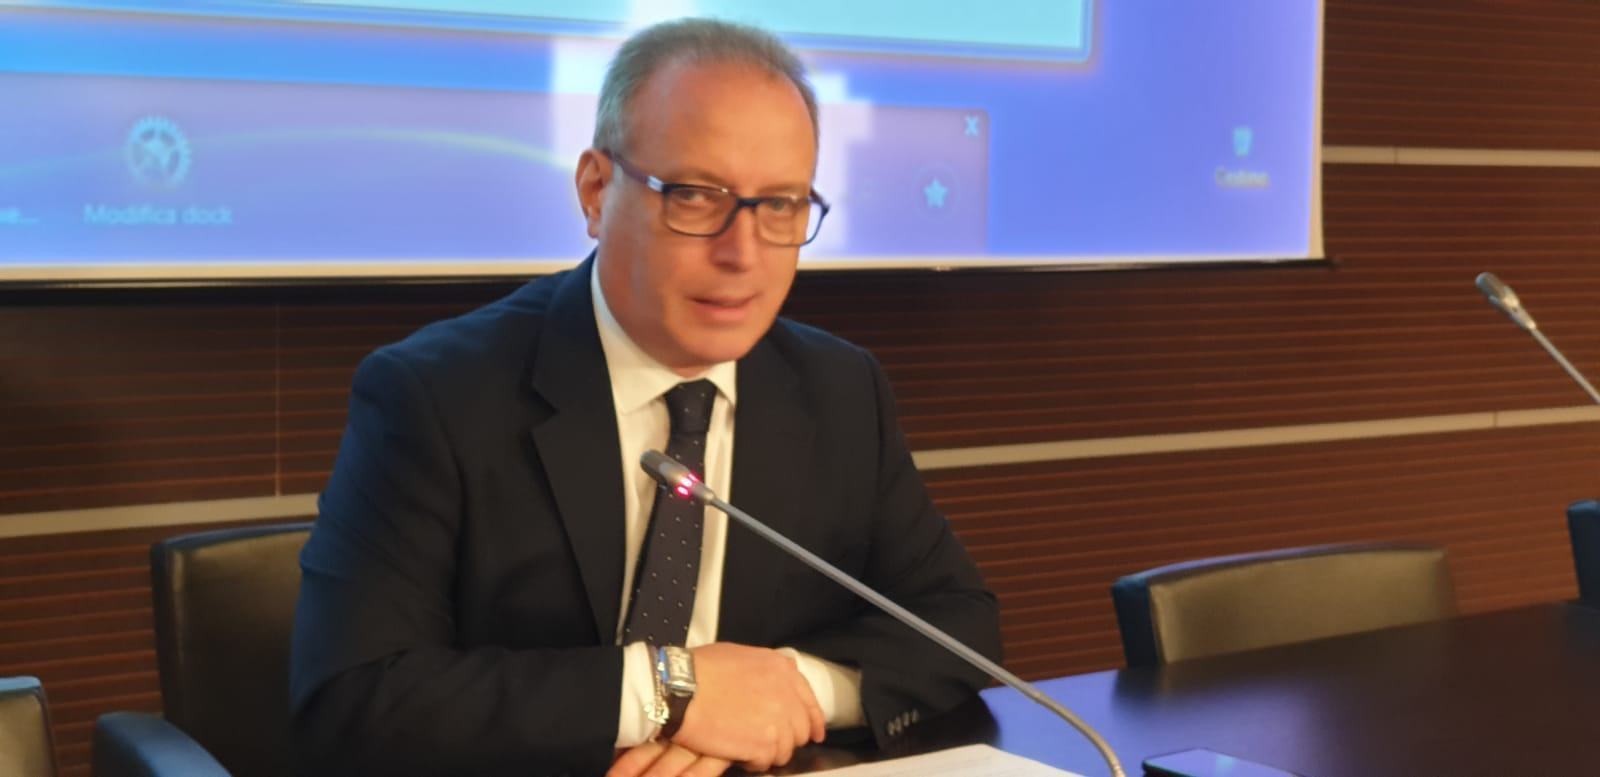 Comitato regionale Umbria Giuoco calcio, sospese gare e competizioni